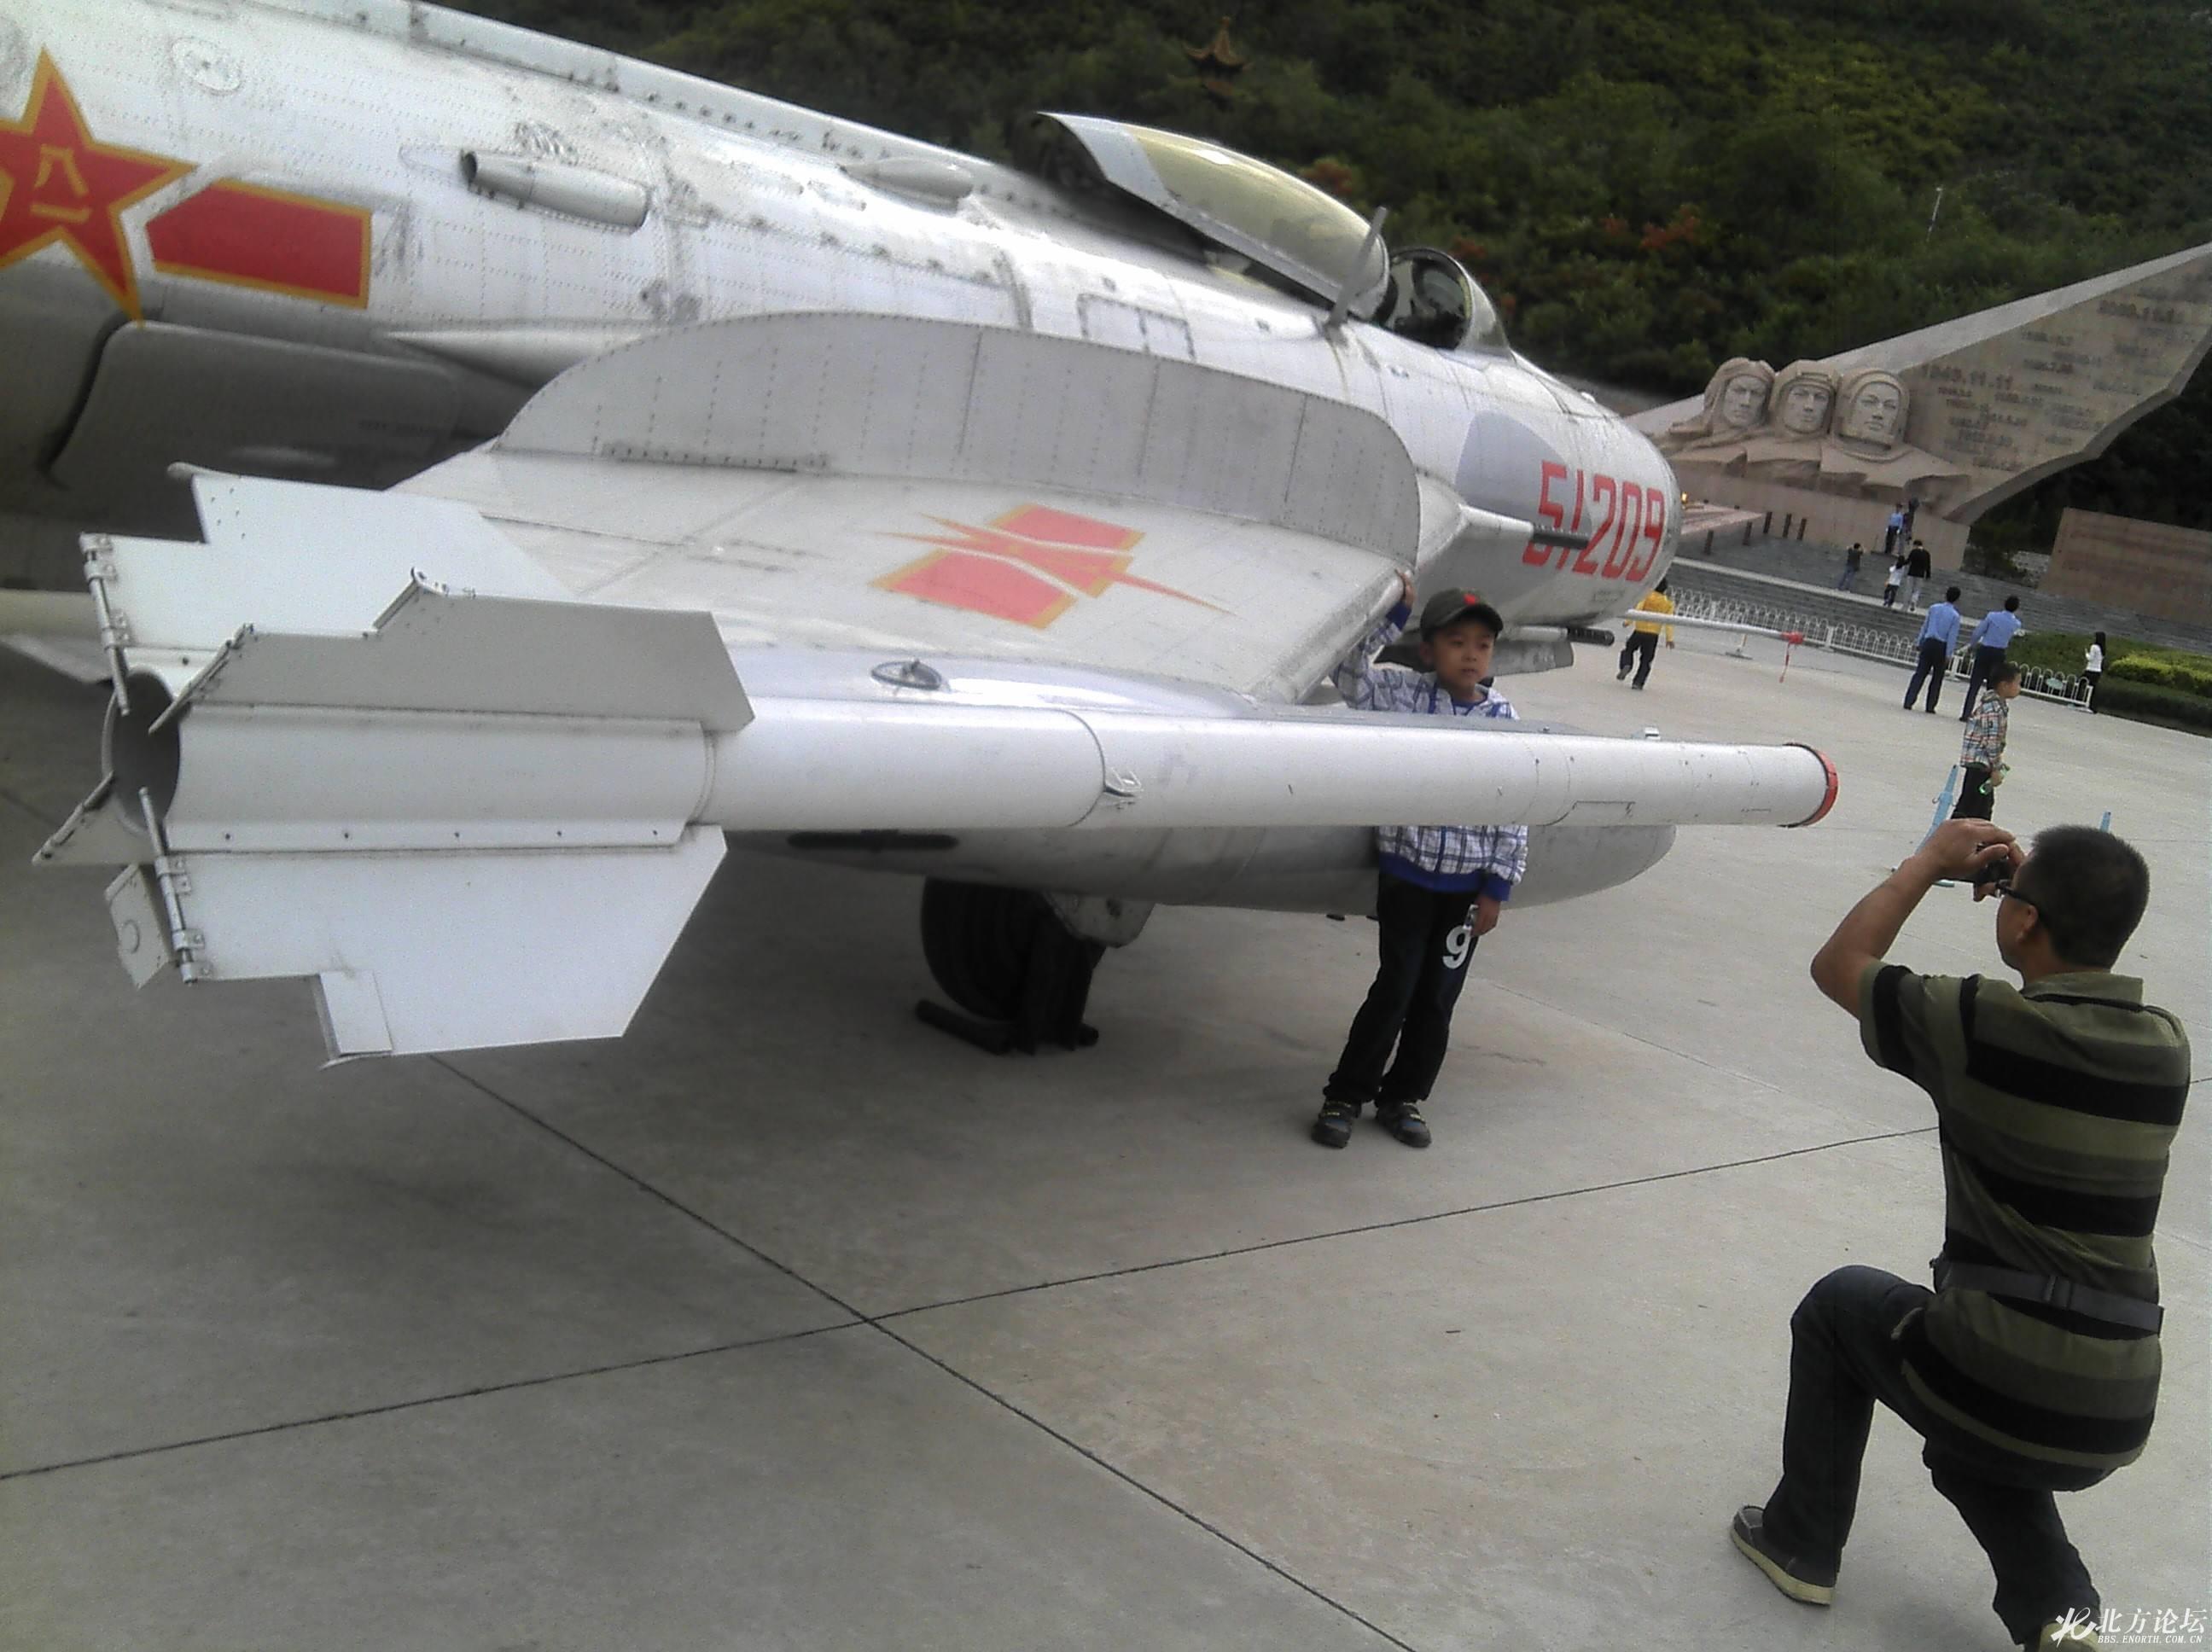 中國殲-6被一問題困擾7年:為何最后是擊落美軍F-4殘骸幫大忙?